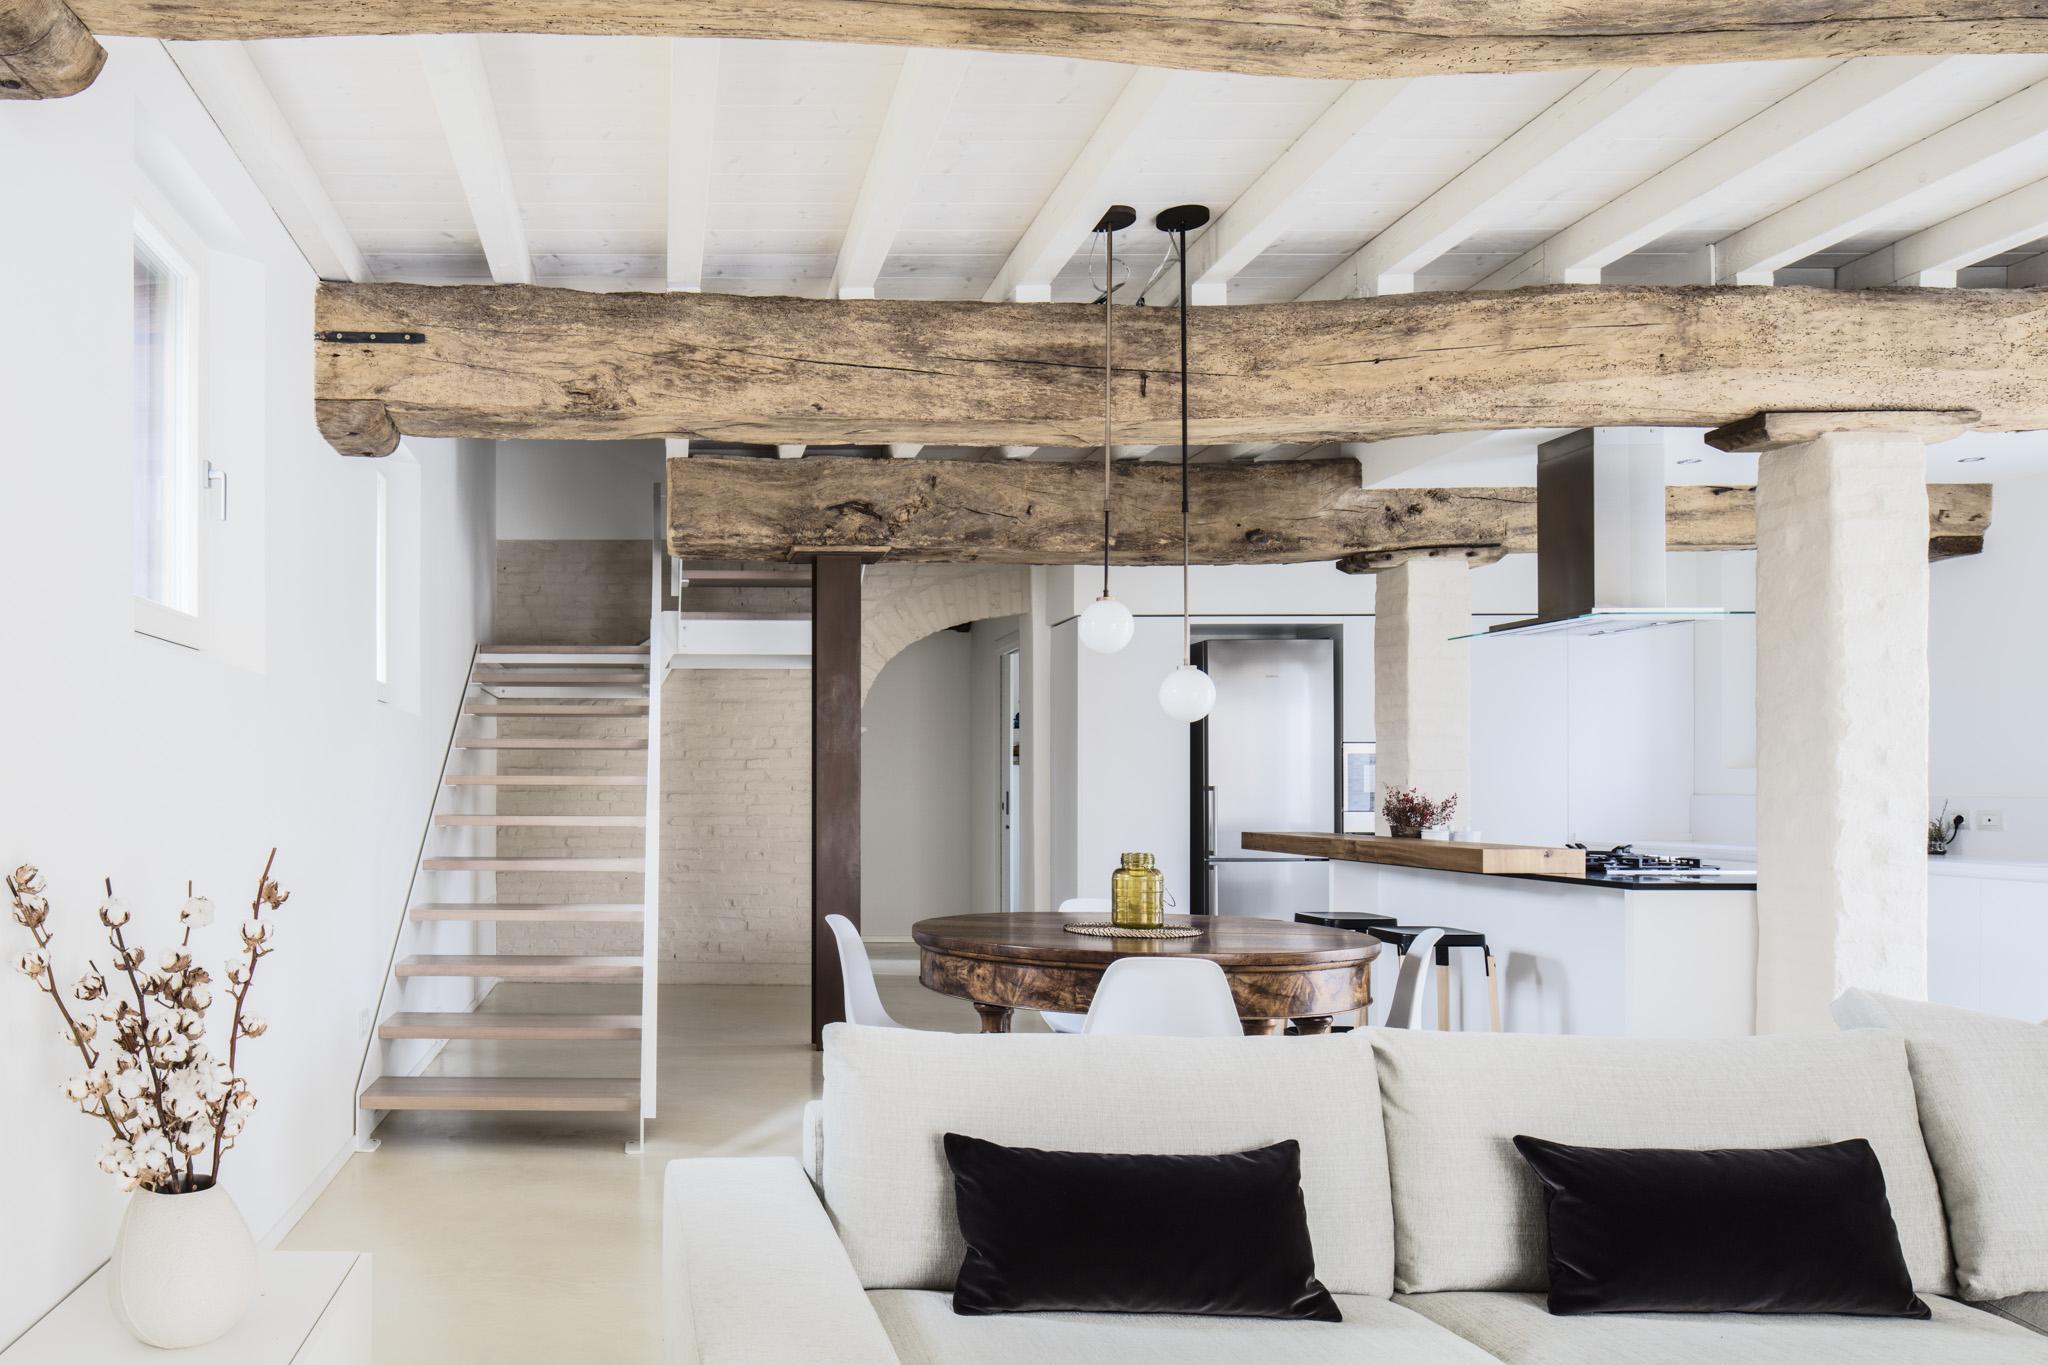 Casa RS - Ghiroldi - Davide Galli Fotografo di Architettura e Interni a Milano